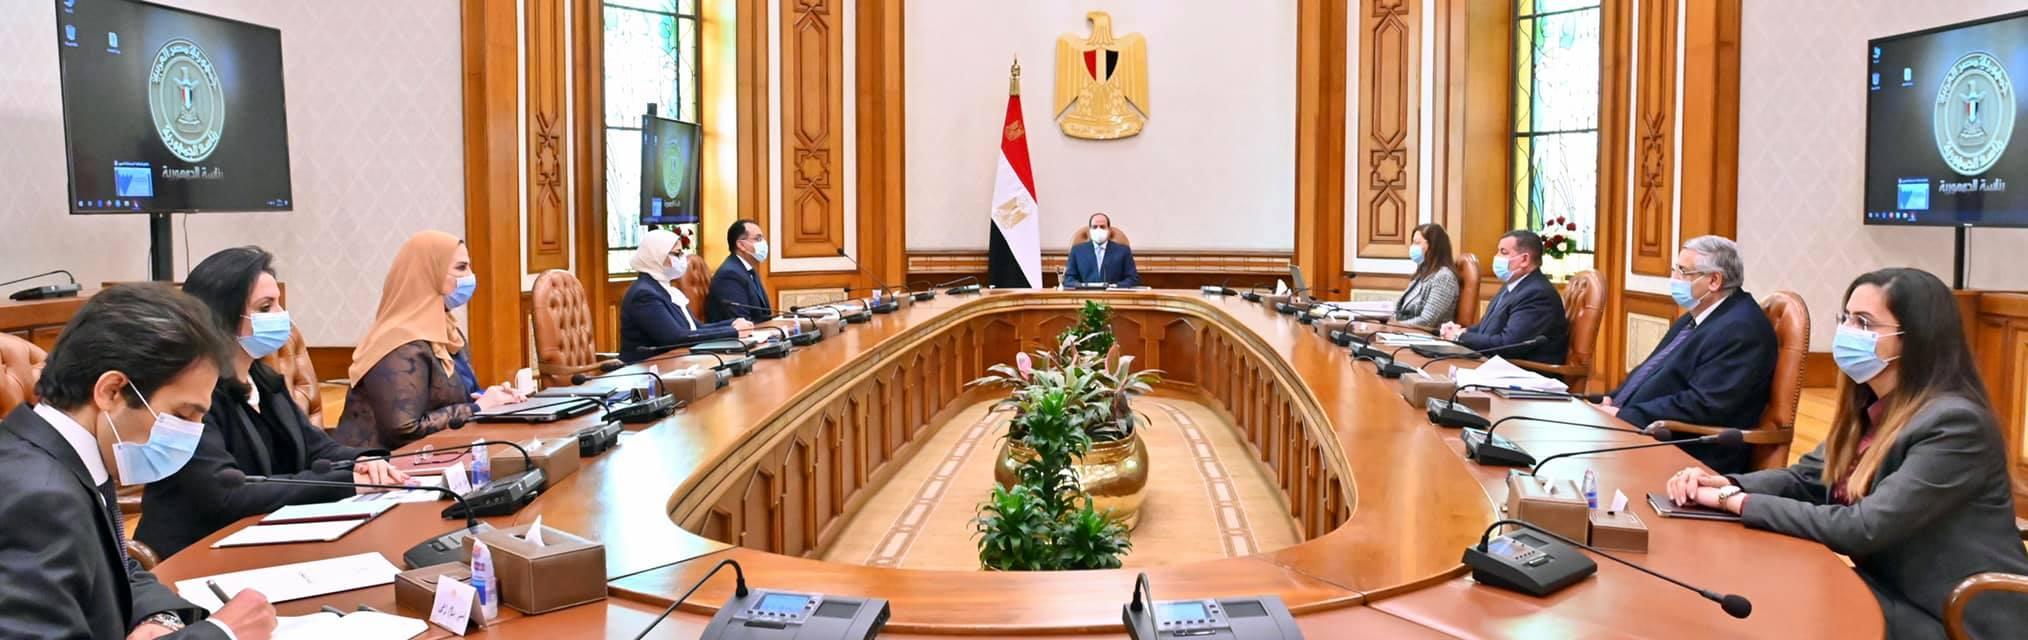 الرئيس السيسي يستعرض المخطط التنفيذي للمشروع القومي لتنمية الأسرة المصرية